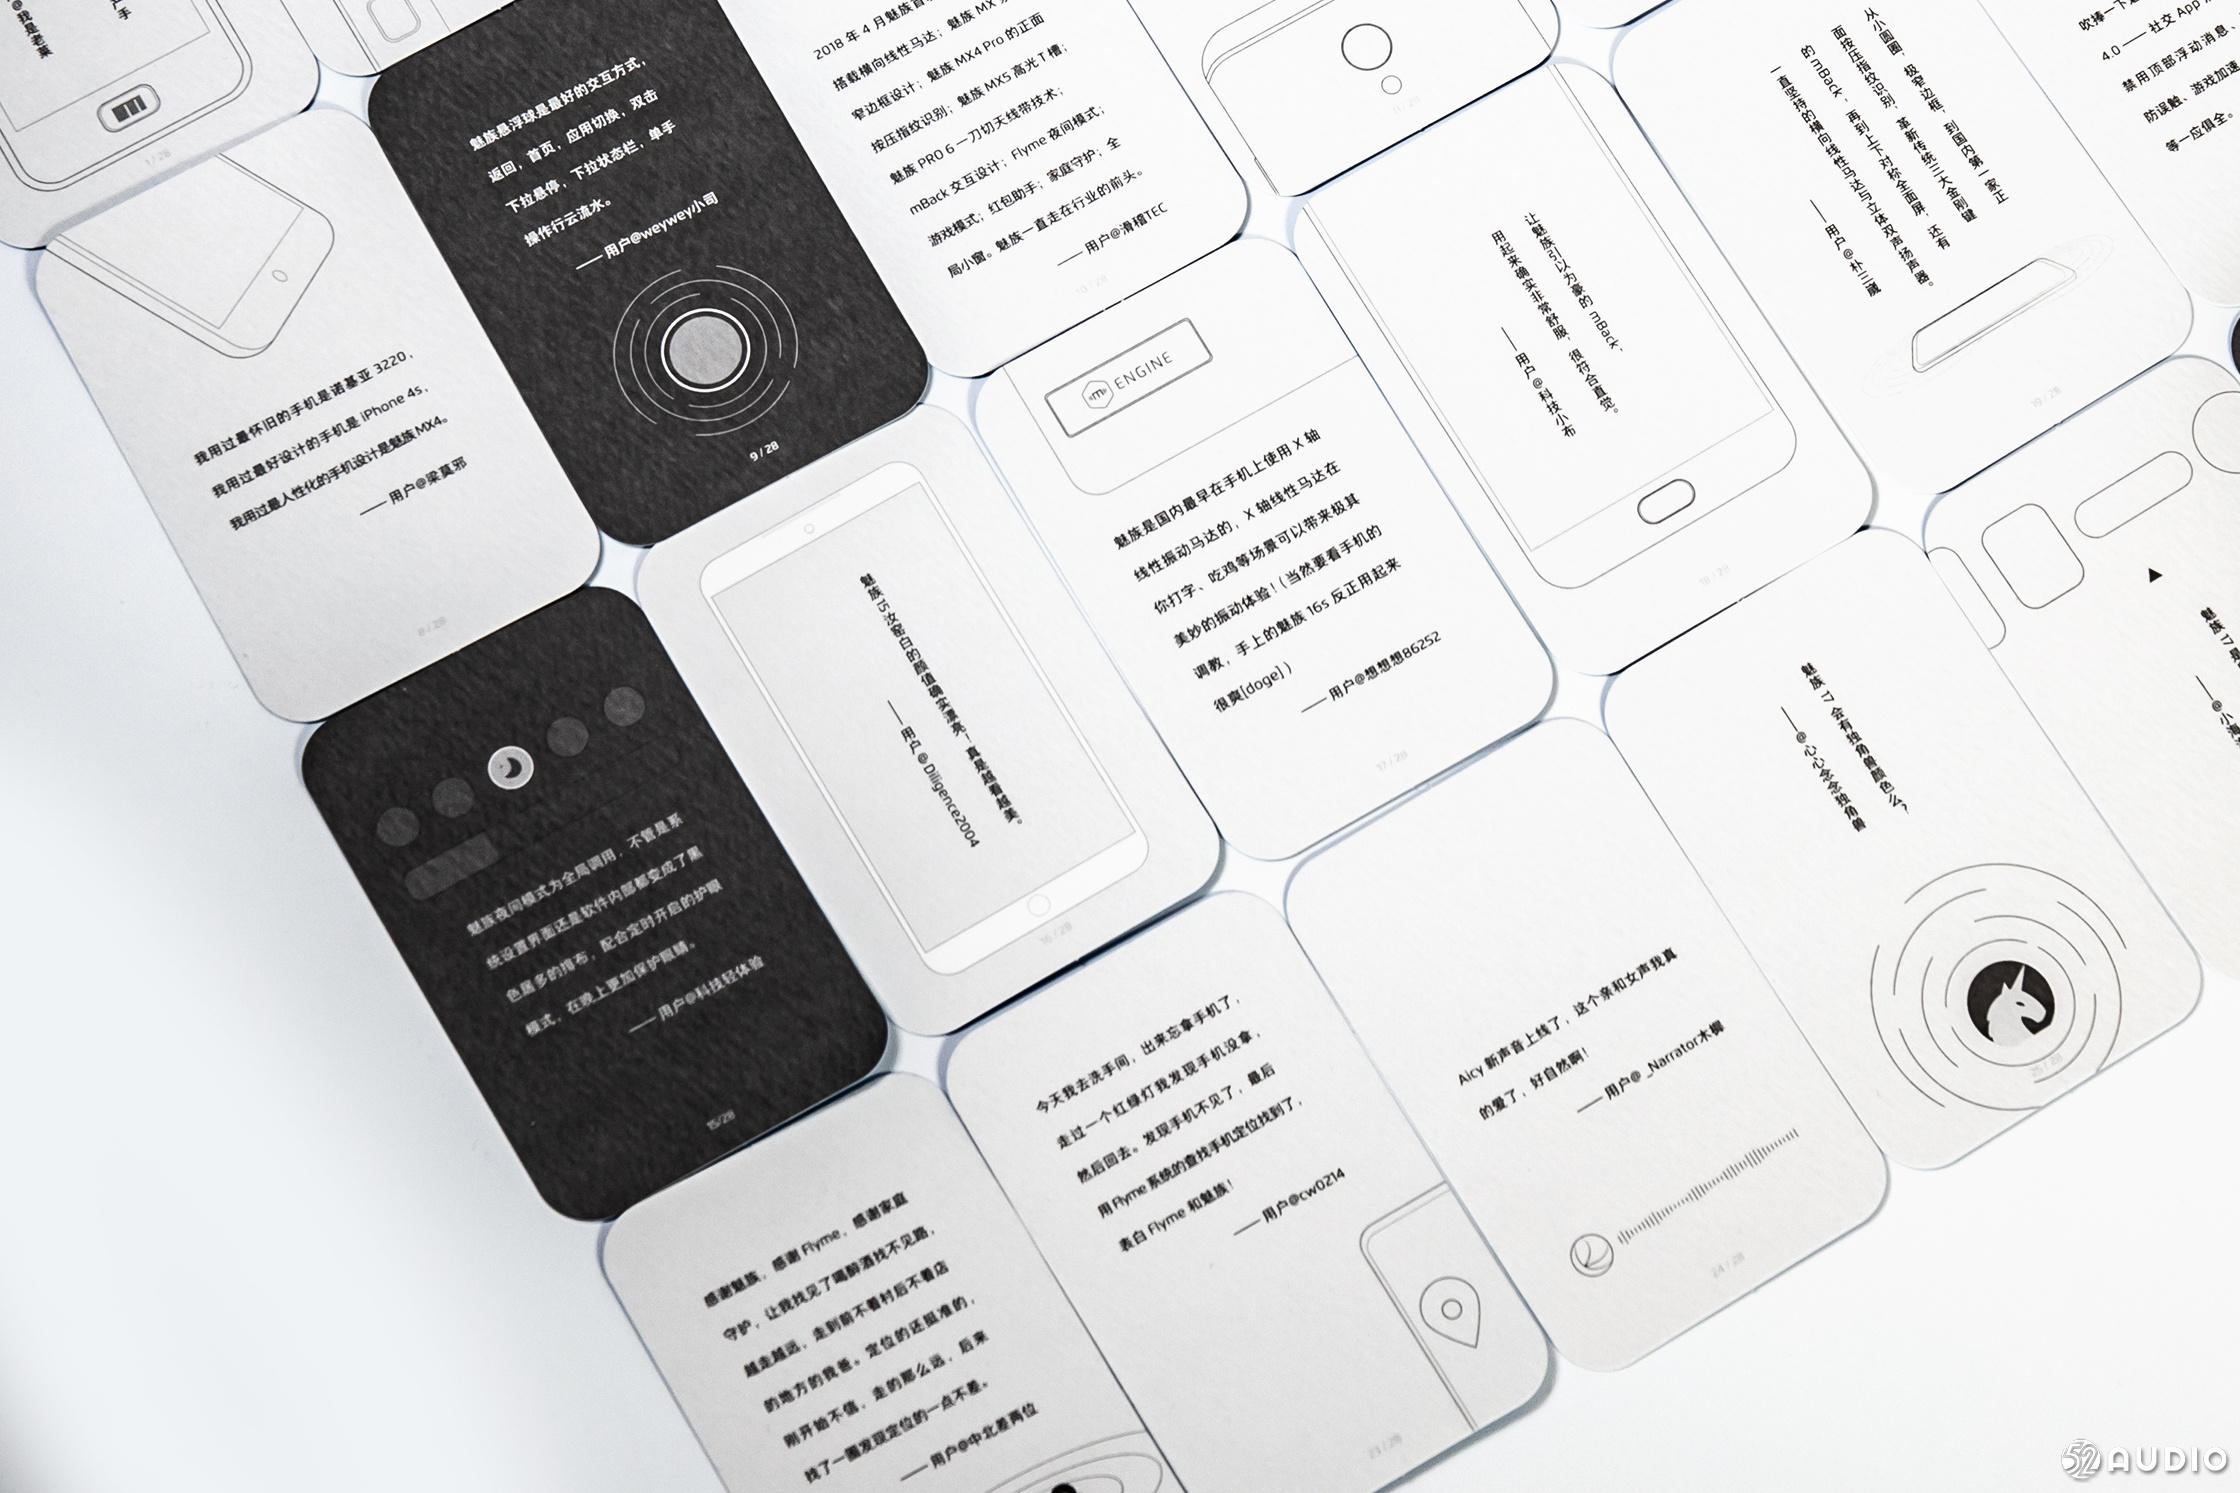 投票不输的设计才是好设计,5月8日 魅族17系列5G旗舰线上发布-我爱音频网